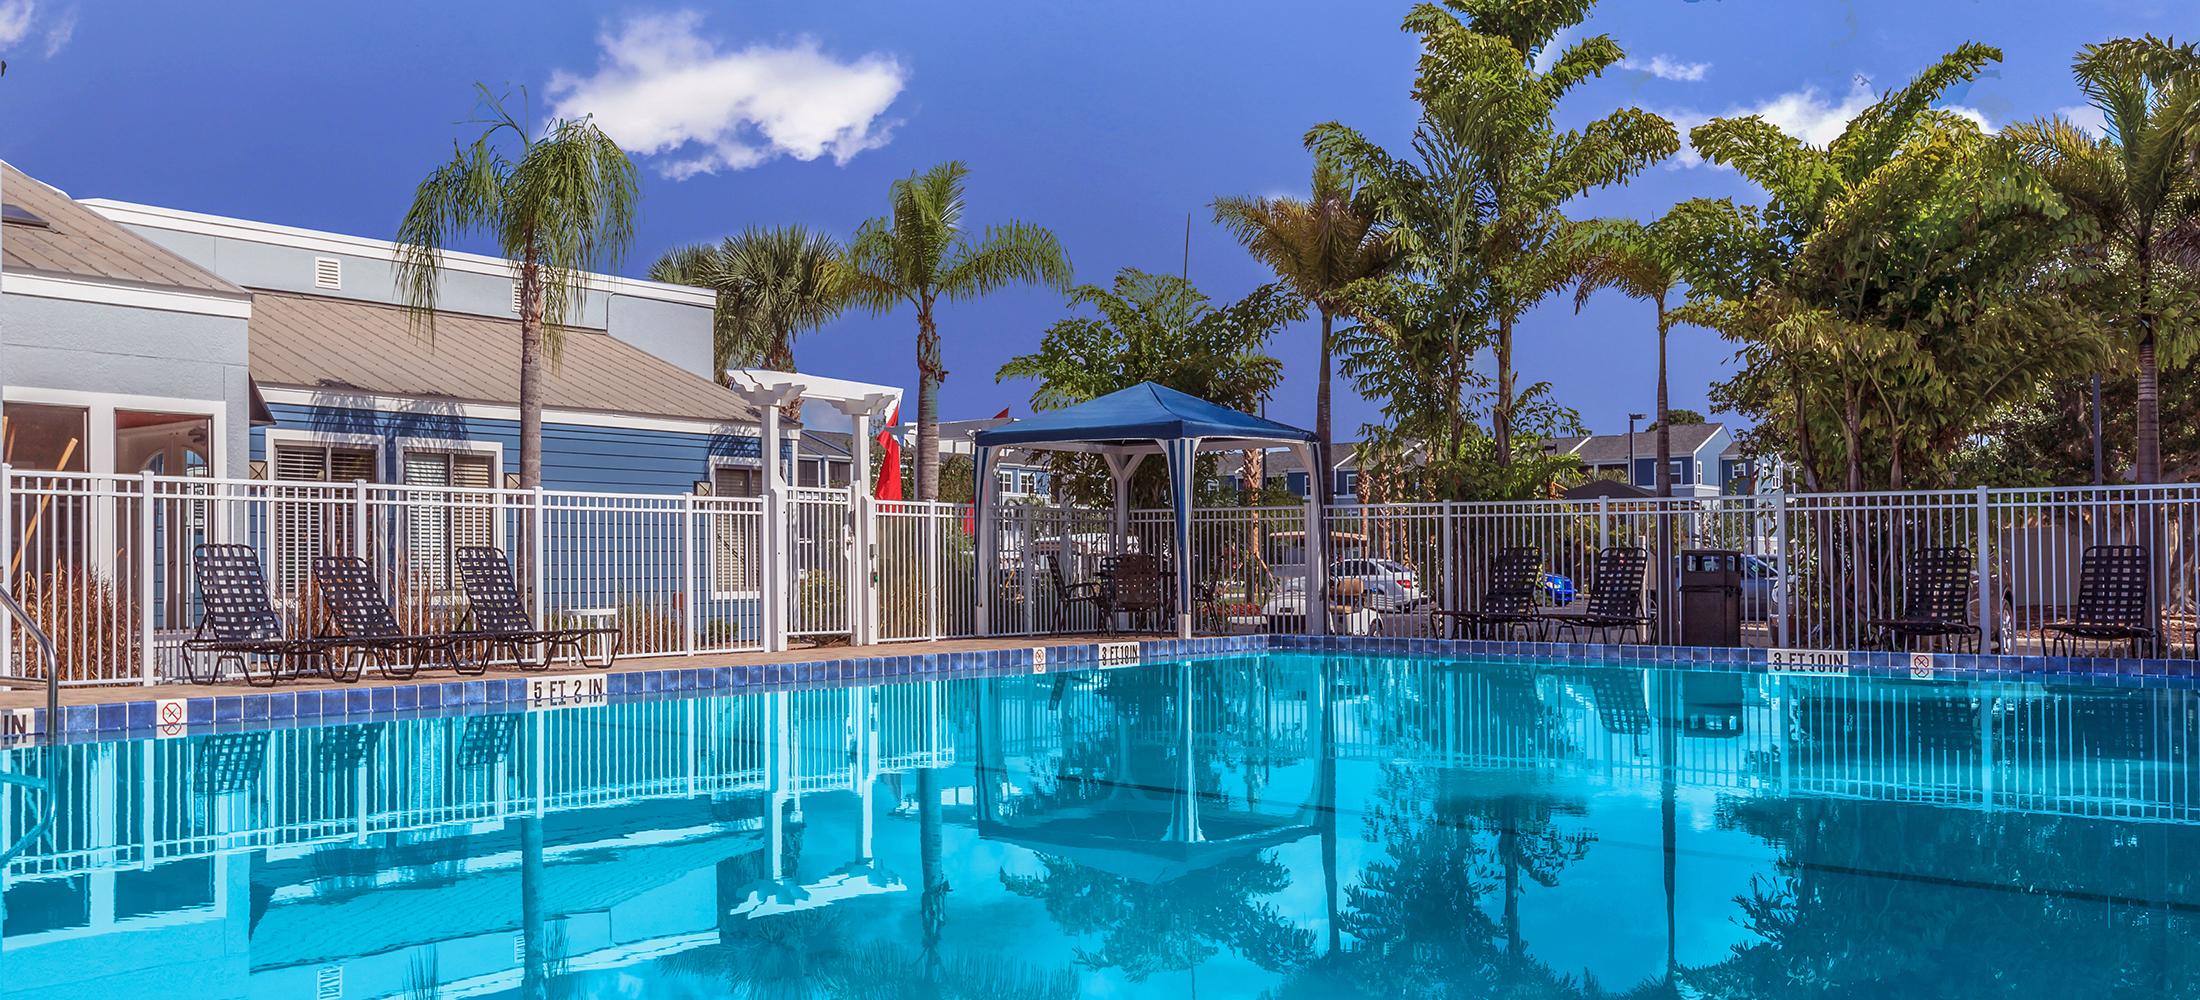 Fountain Lake Apartments Apartments in Bradenton FL